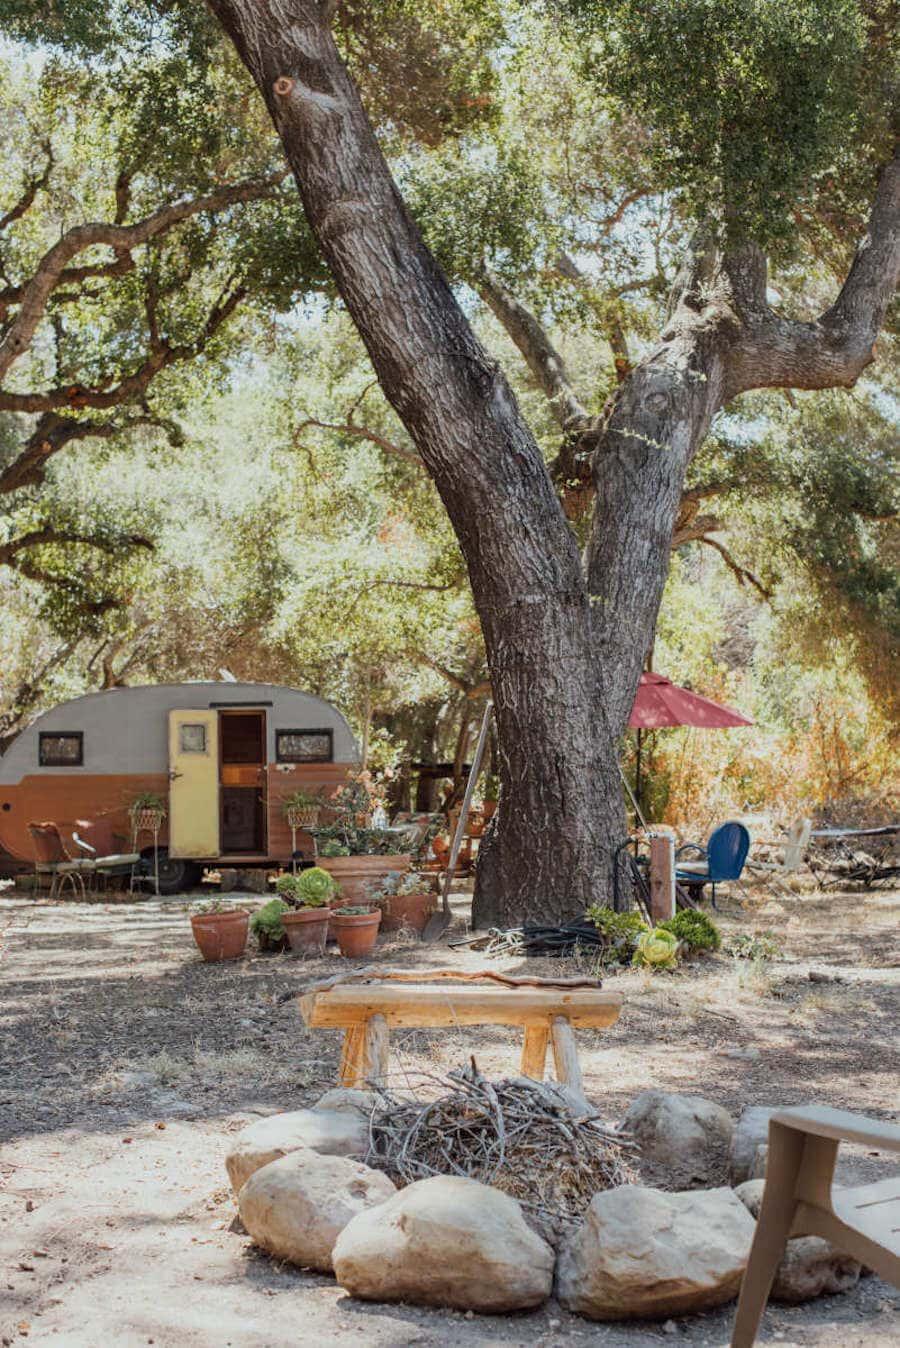 Retro camper accommodation in California